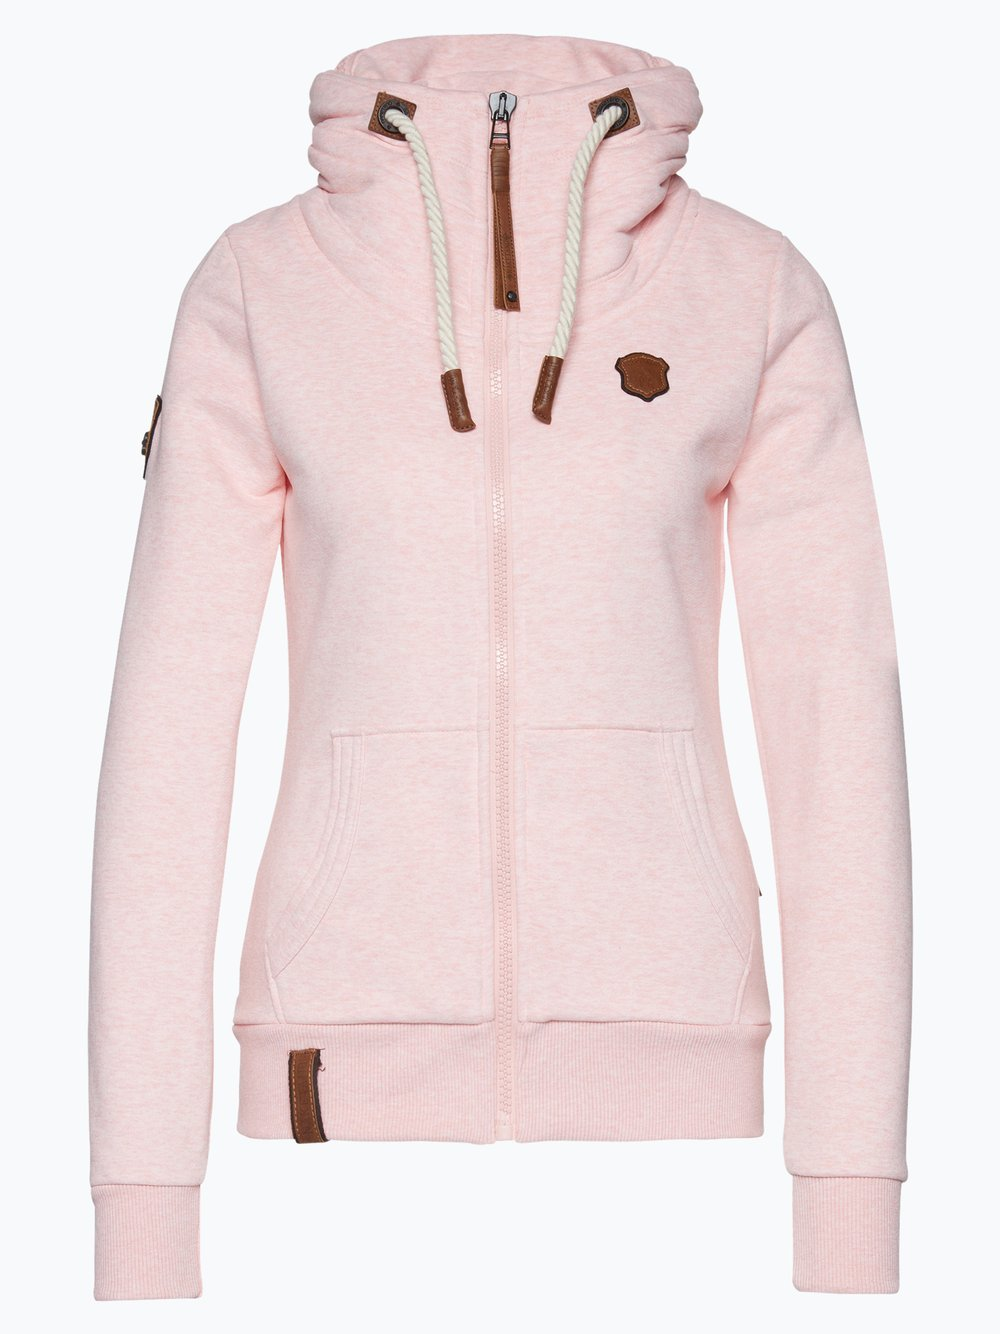 Naketano Damen Sweatjacke online kaufen | VANGRAAF.COM